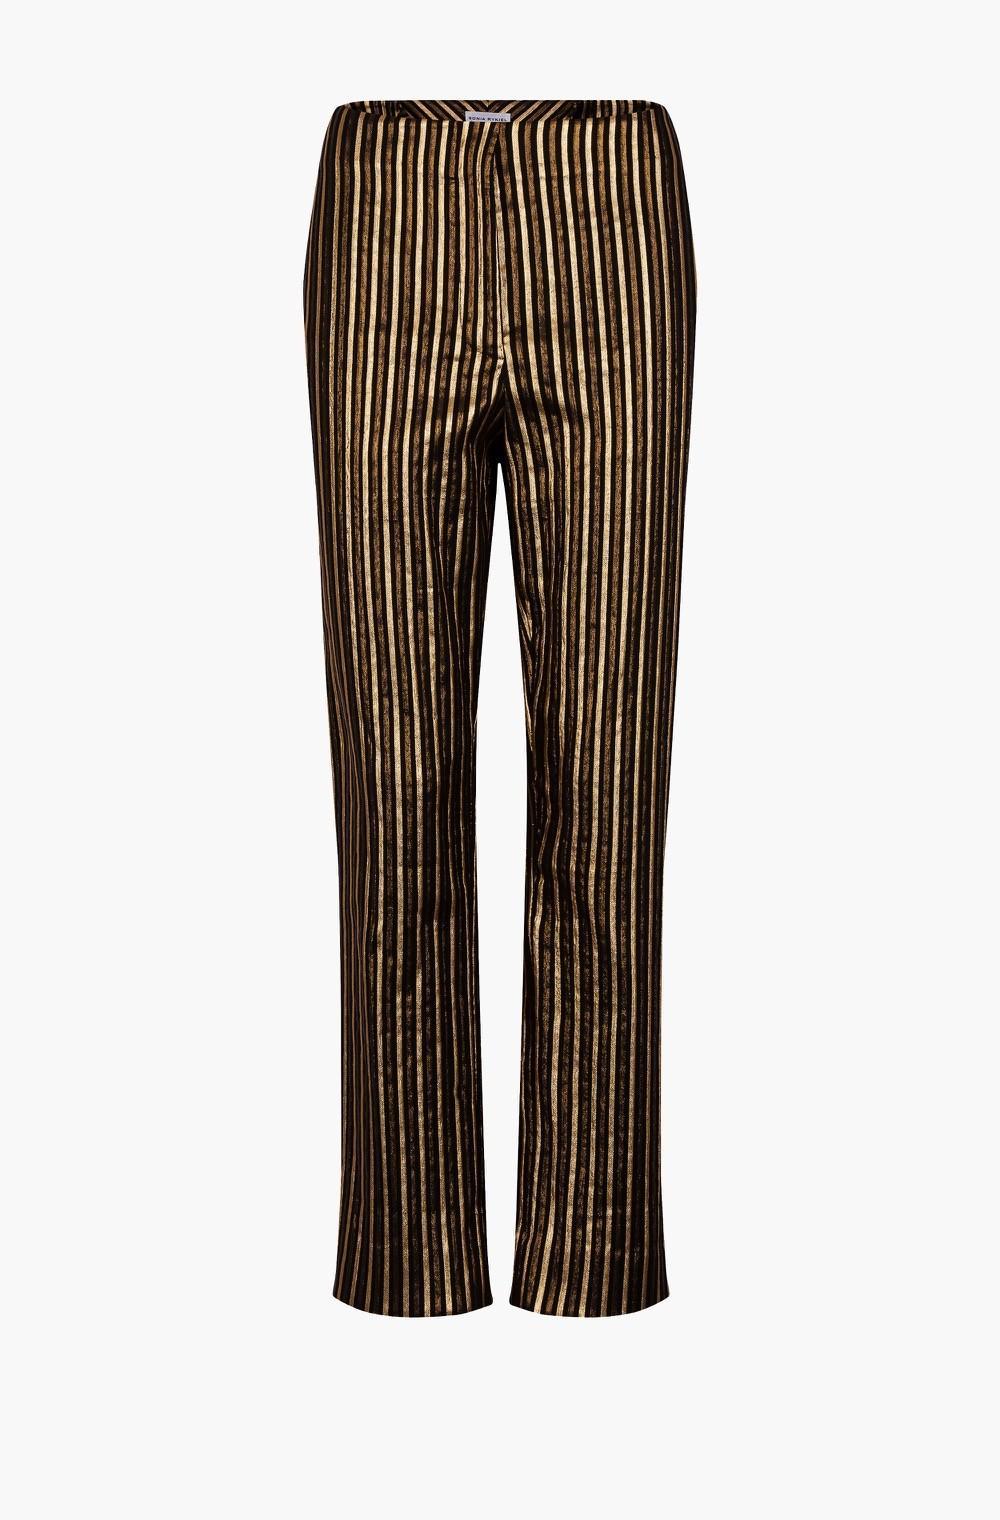 Luxury Renuar Paris Fit Capri Pants  Stretch Cotton For Women  Save 73